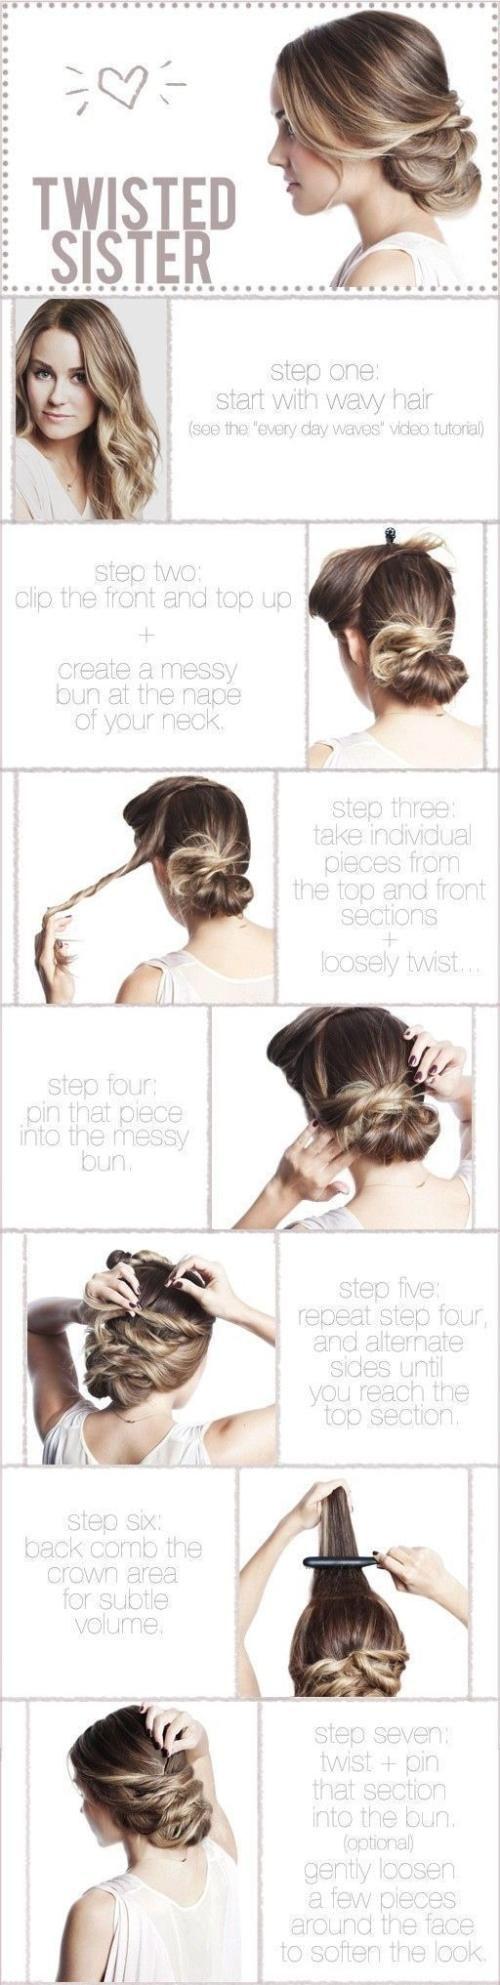 26 DIY Hairstyles